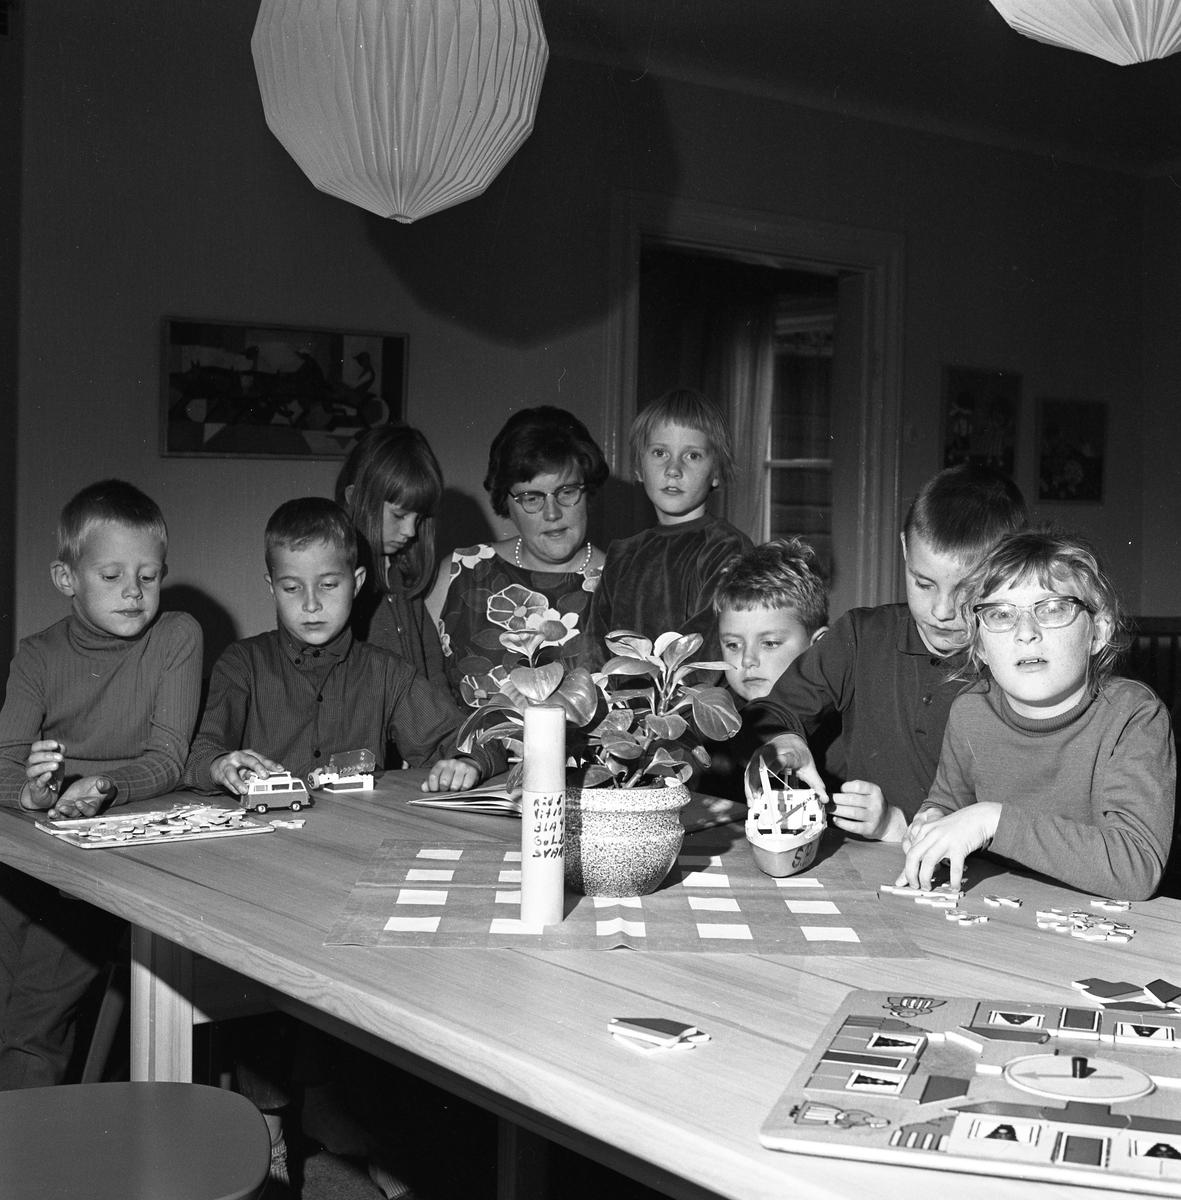 Barndaghemmet. Sju barn och fröken Astrid Eriksson, sitter vid ett bord. Där finns pussel och barnen leker med bilar och båtar.